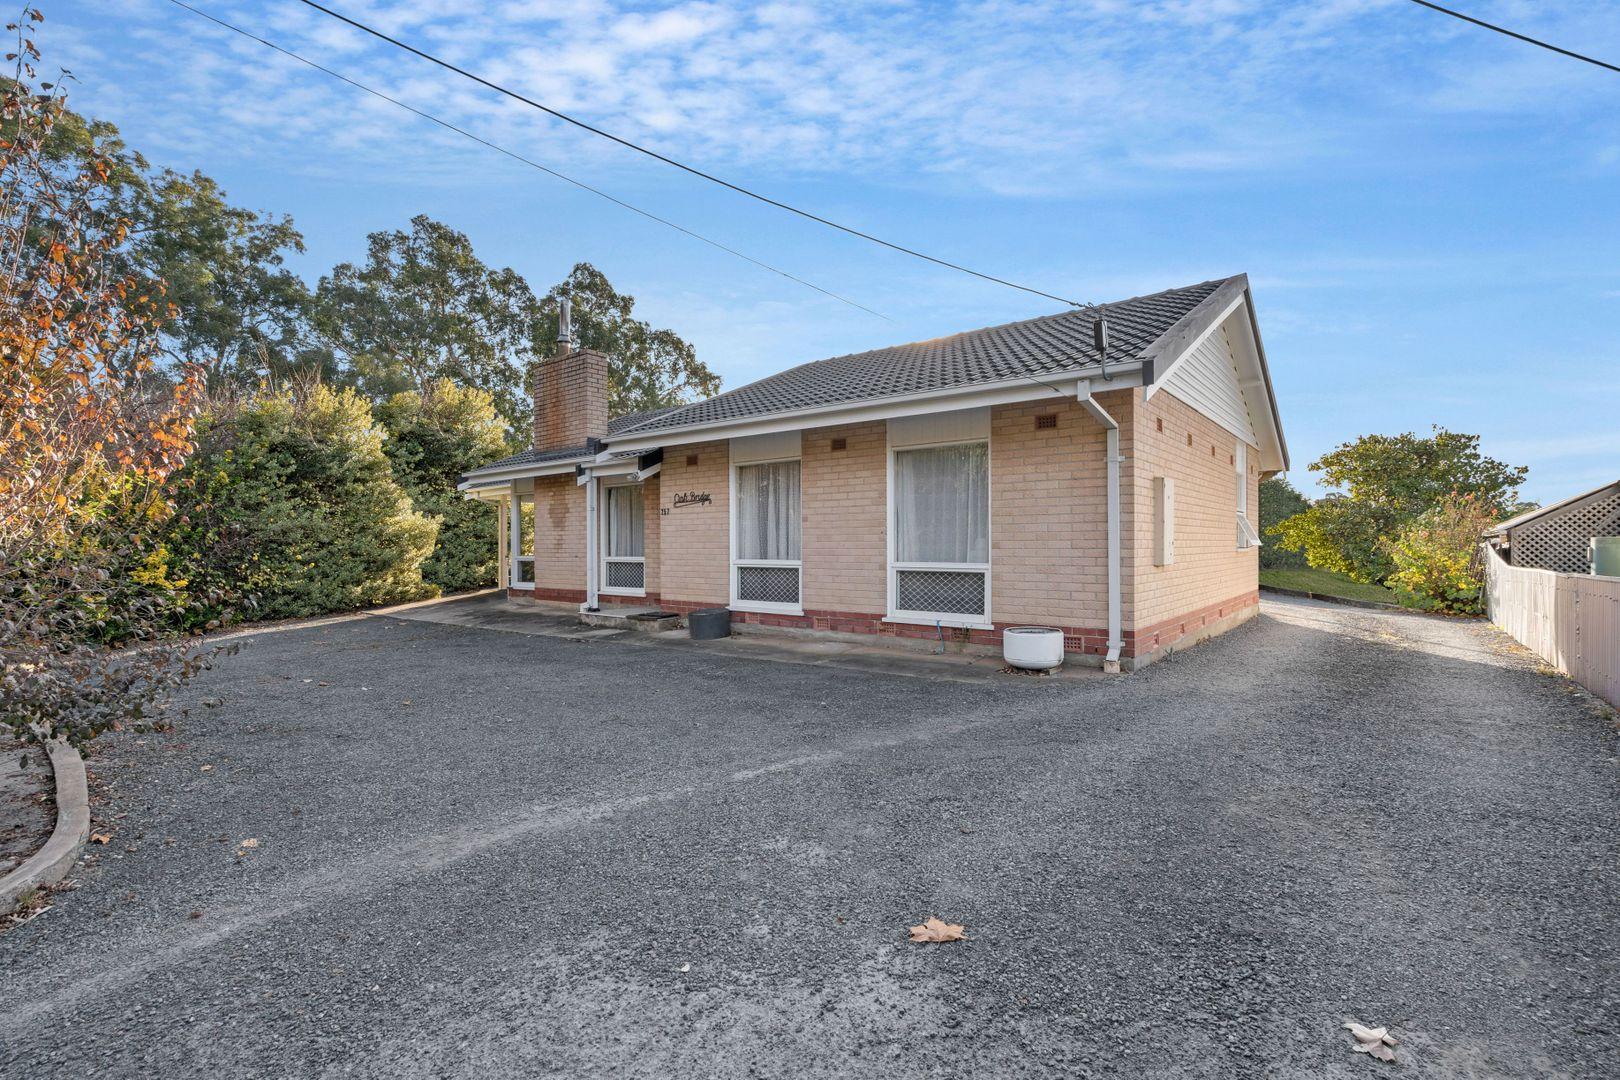 257 Onkaparinga Valley Road, Oakbank SA 5243, Image 0